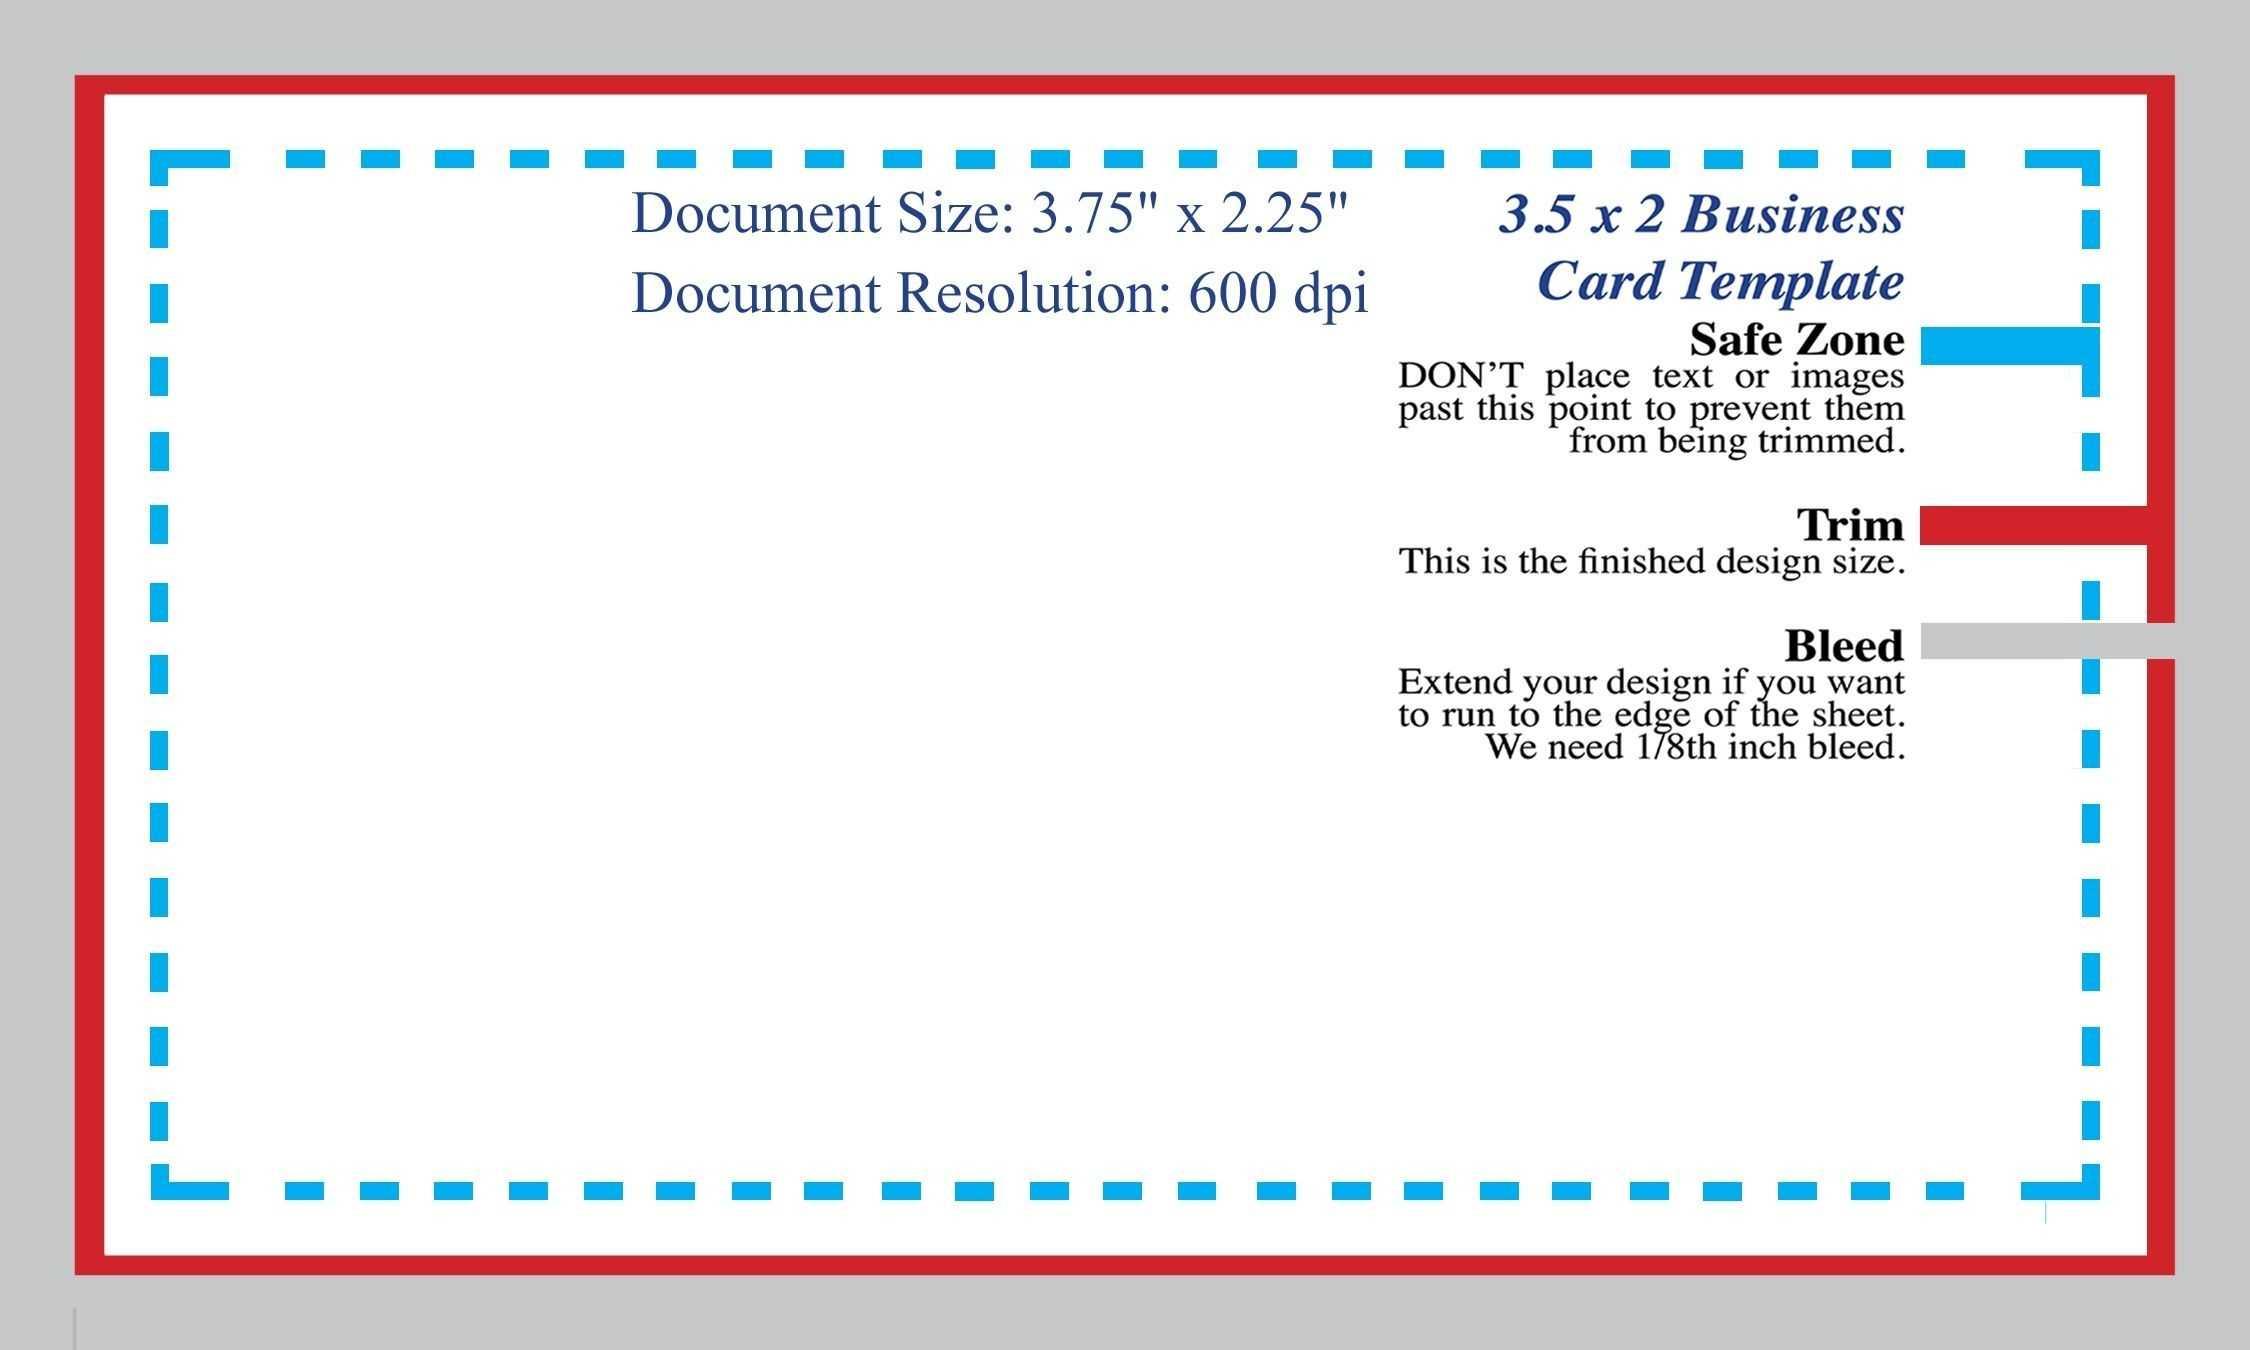 001 Template Ideas Blank Business Card Psd Remarkable Free Regarding Blank Business Card Template Download